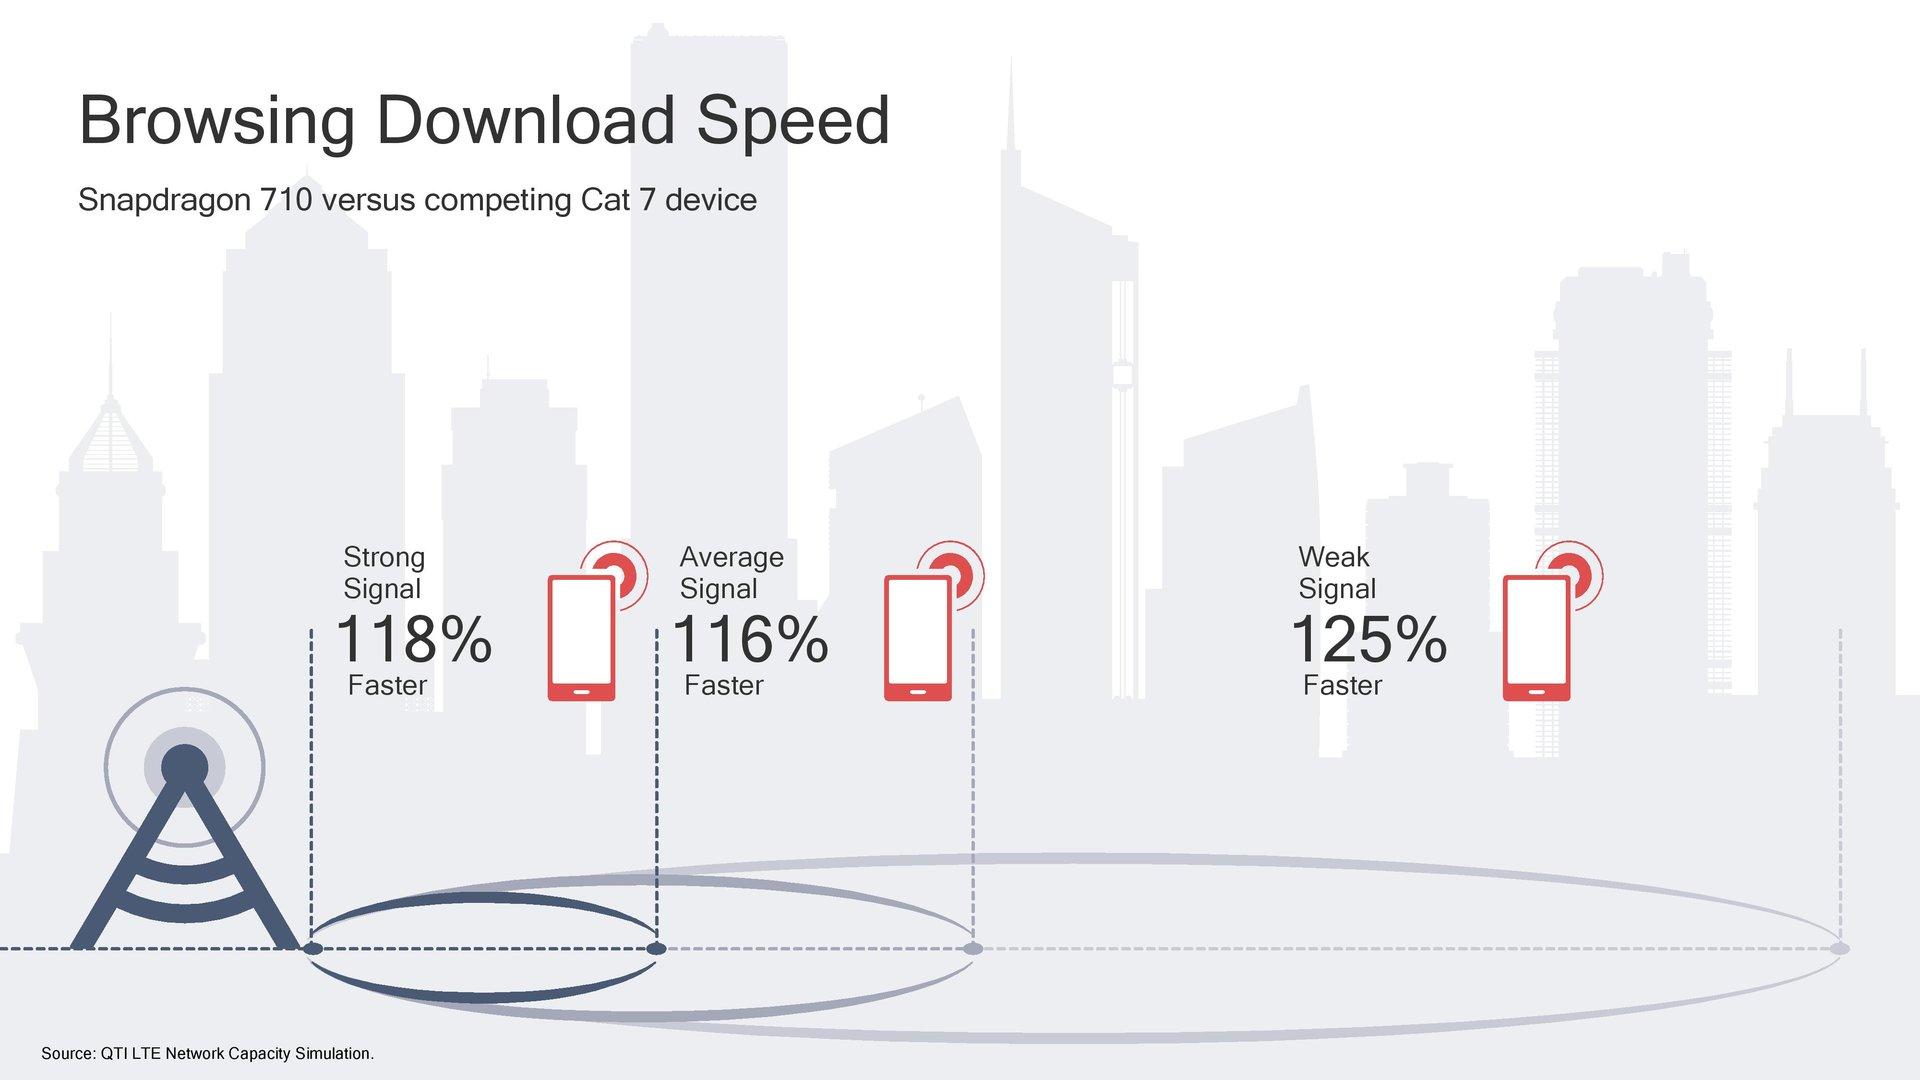 Snapdragon X15 im Vergleich zu Cat-7-Modem